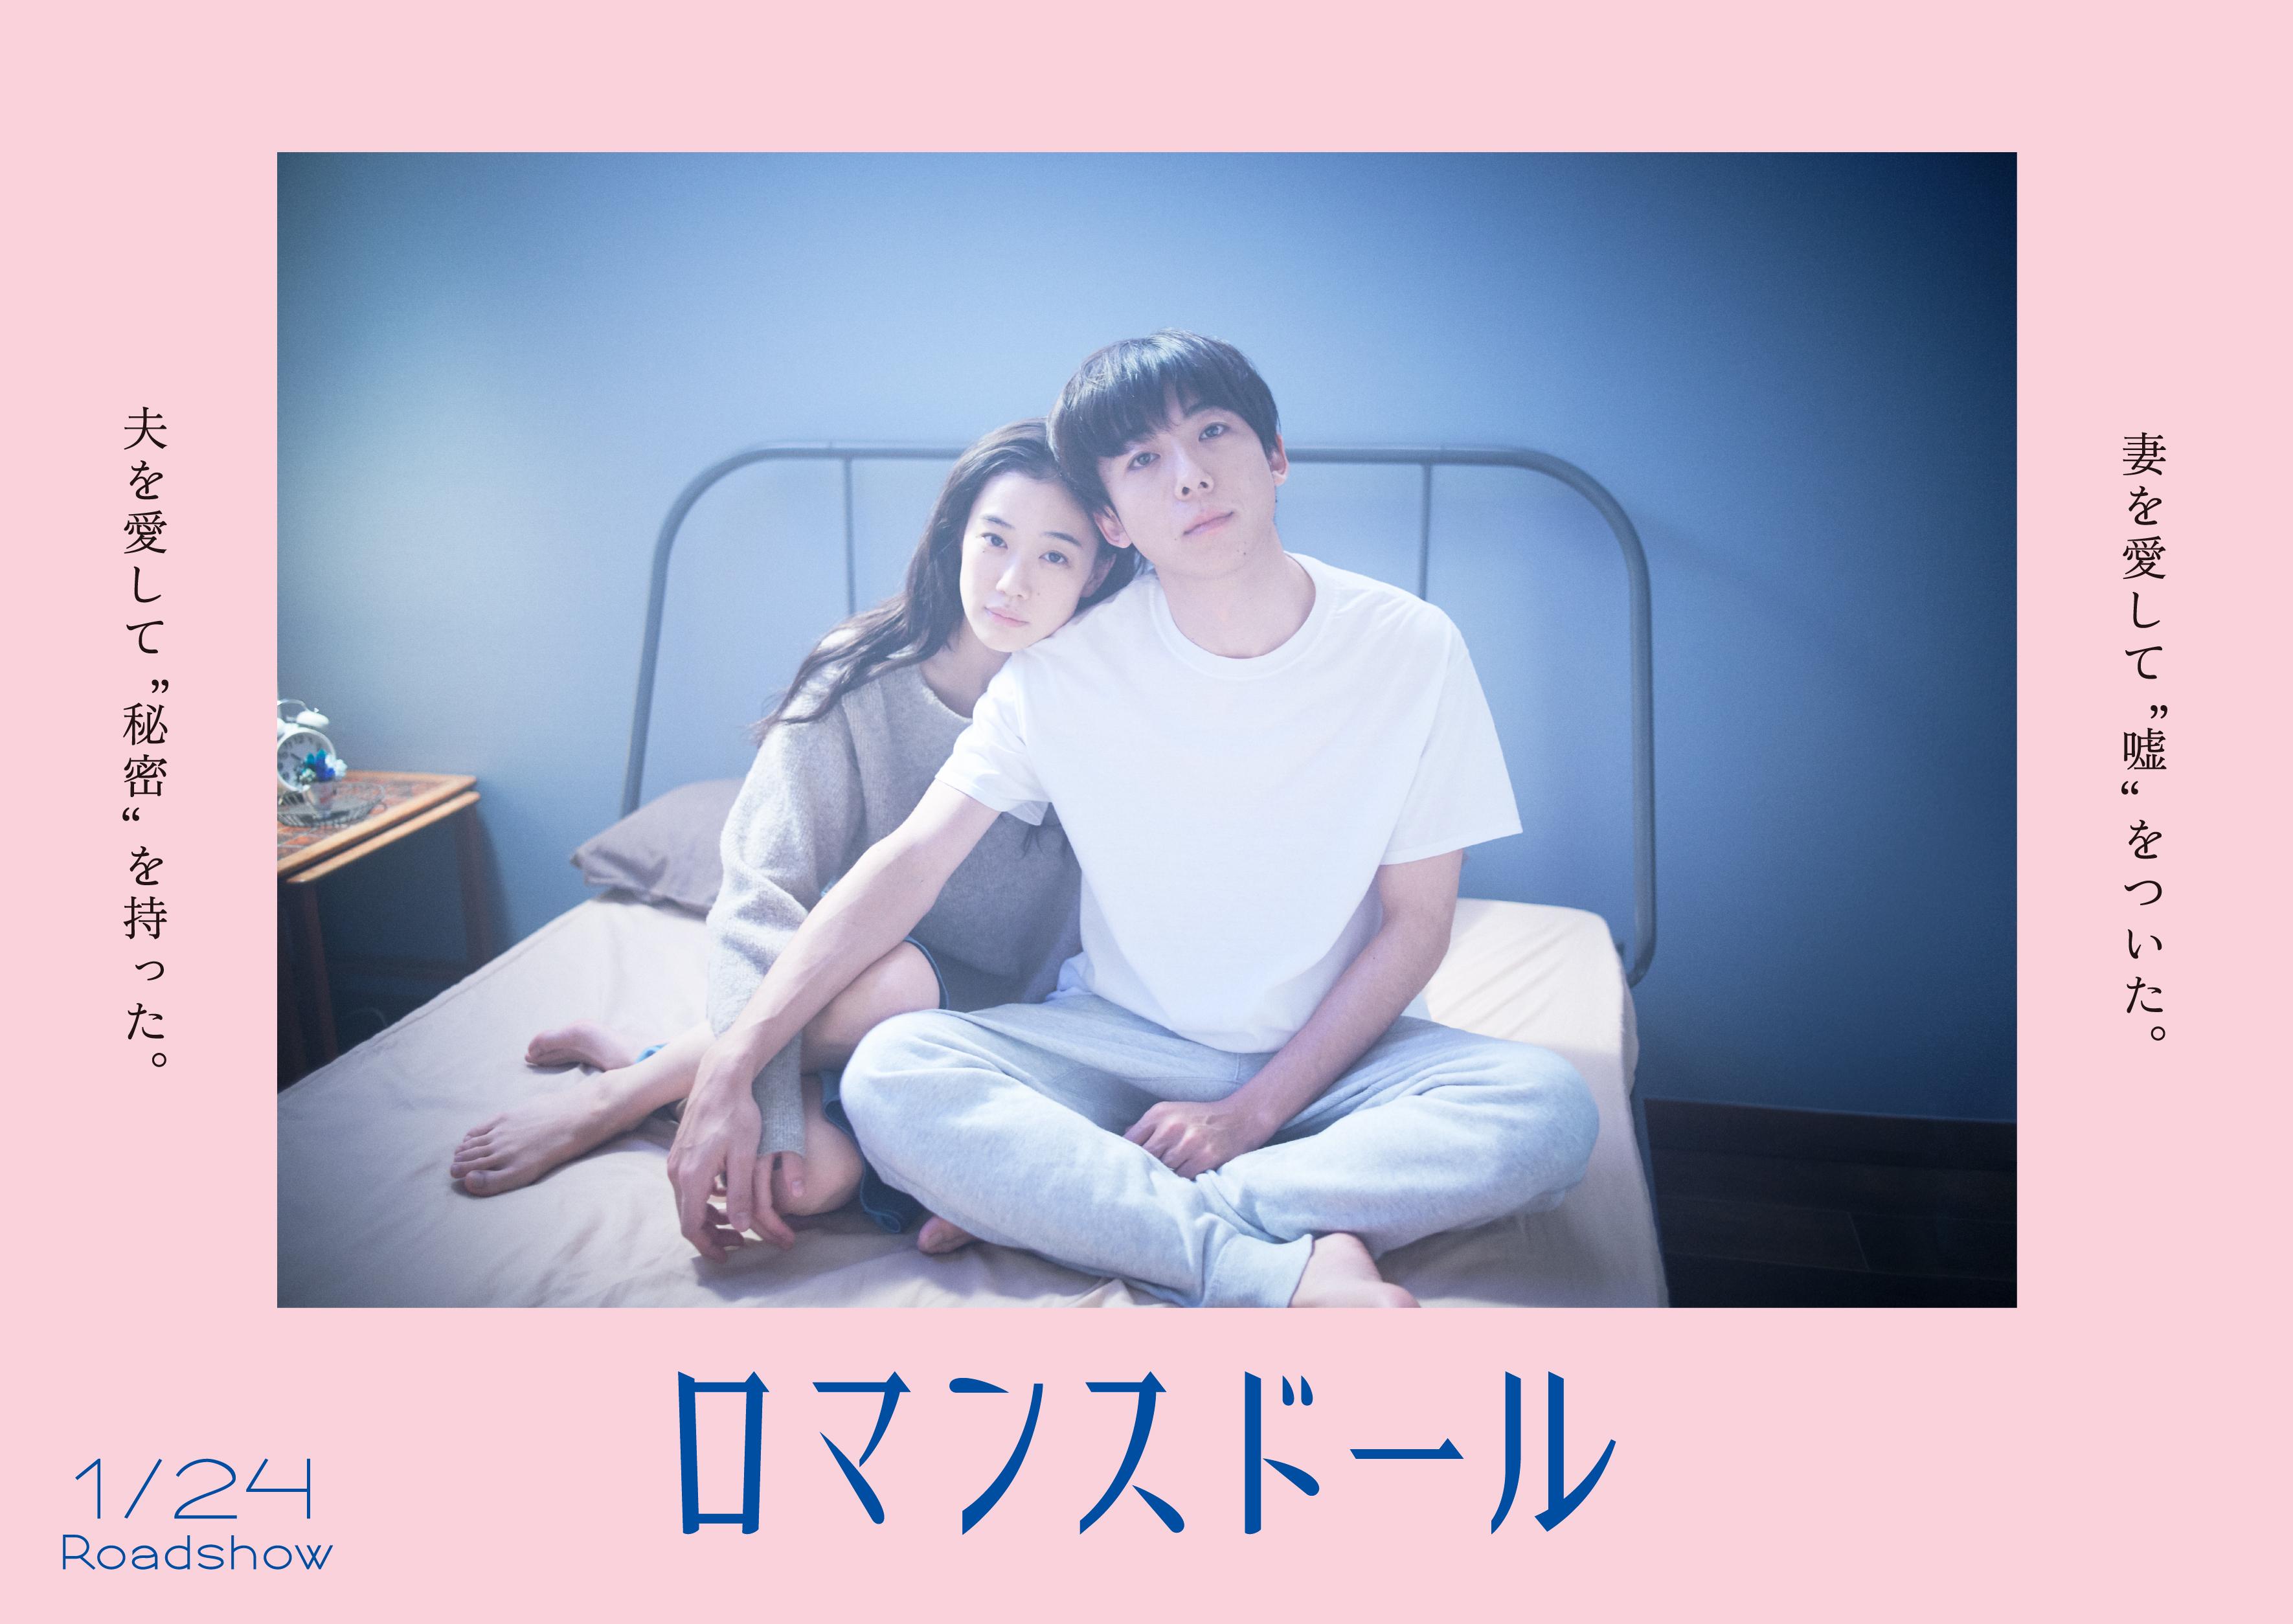 『ロマンスドール』が2020年1月24日放映スタート!メインビジュアルも公開